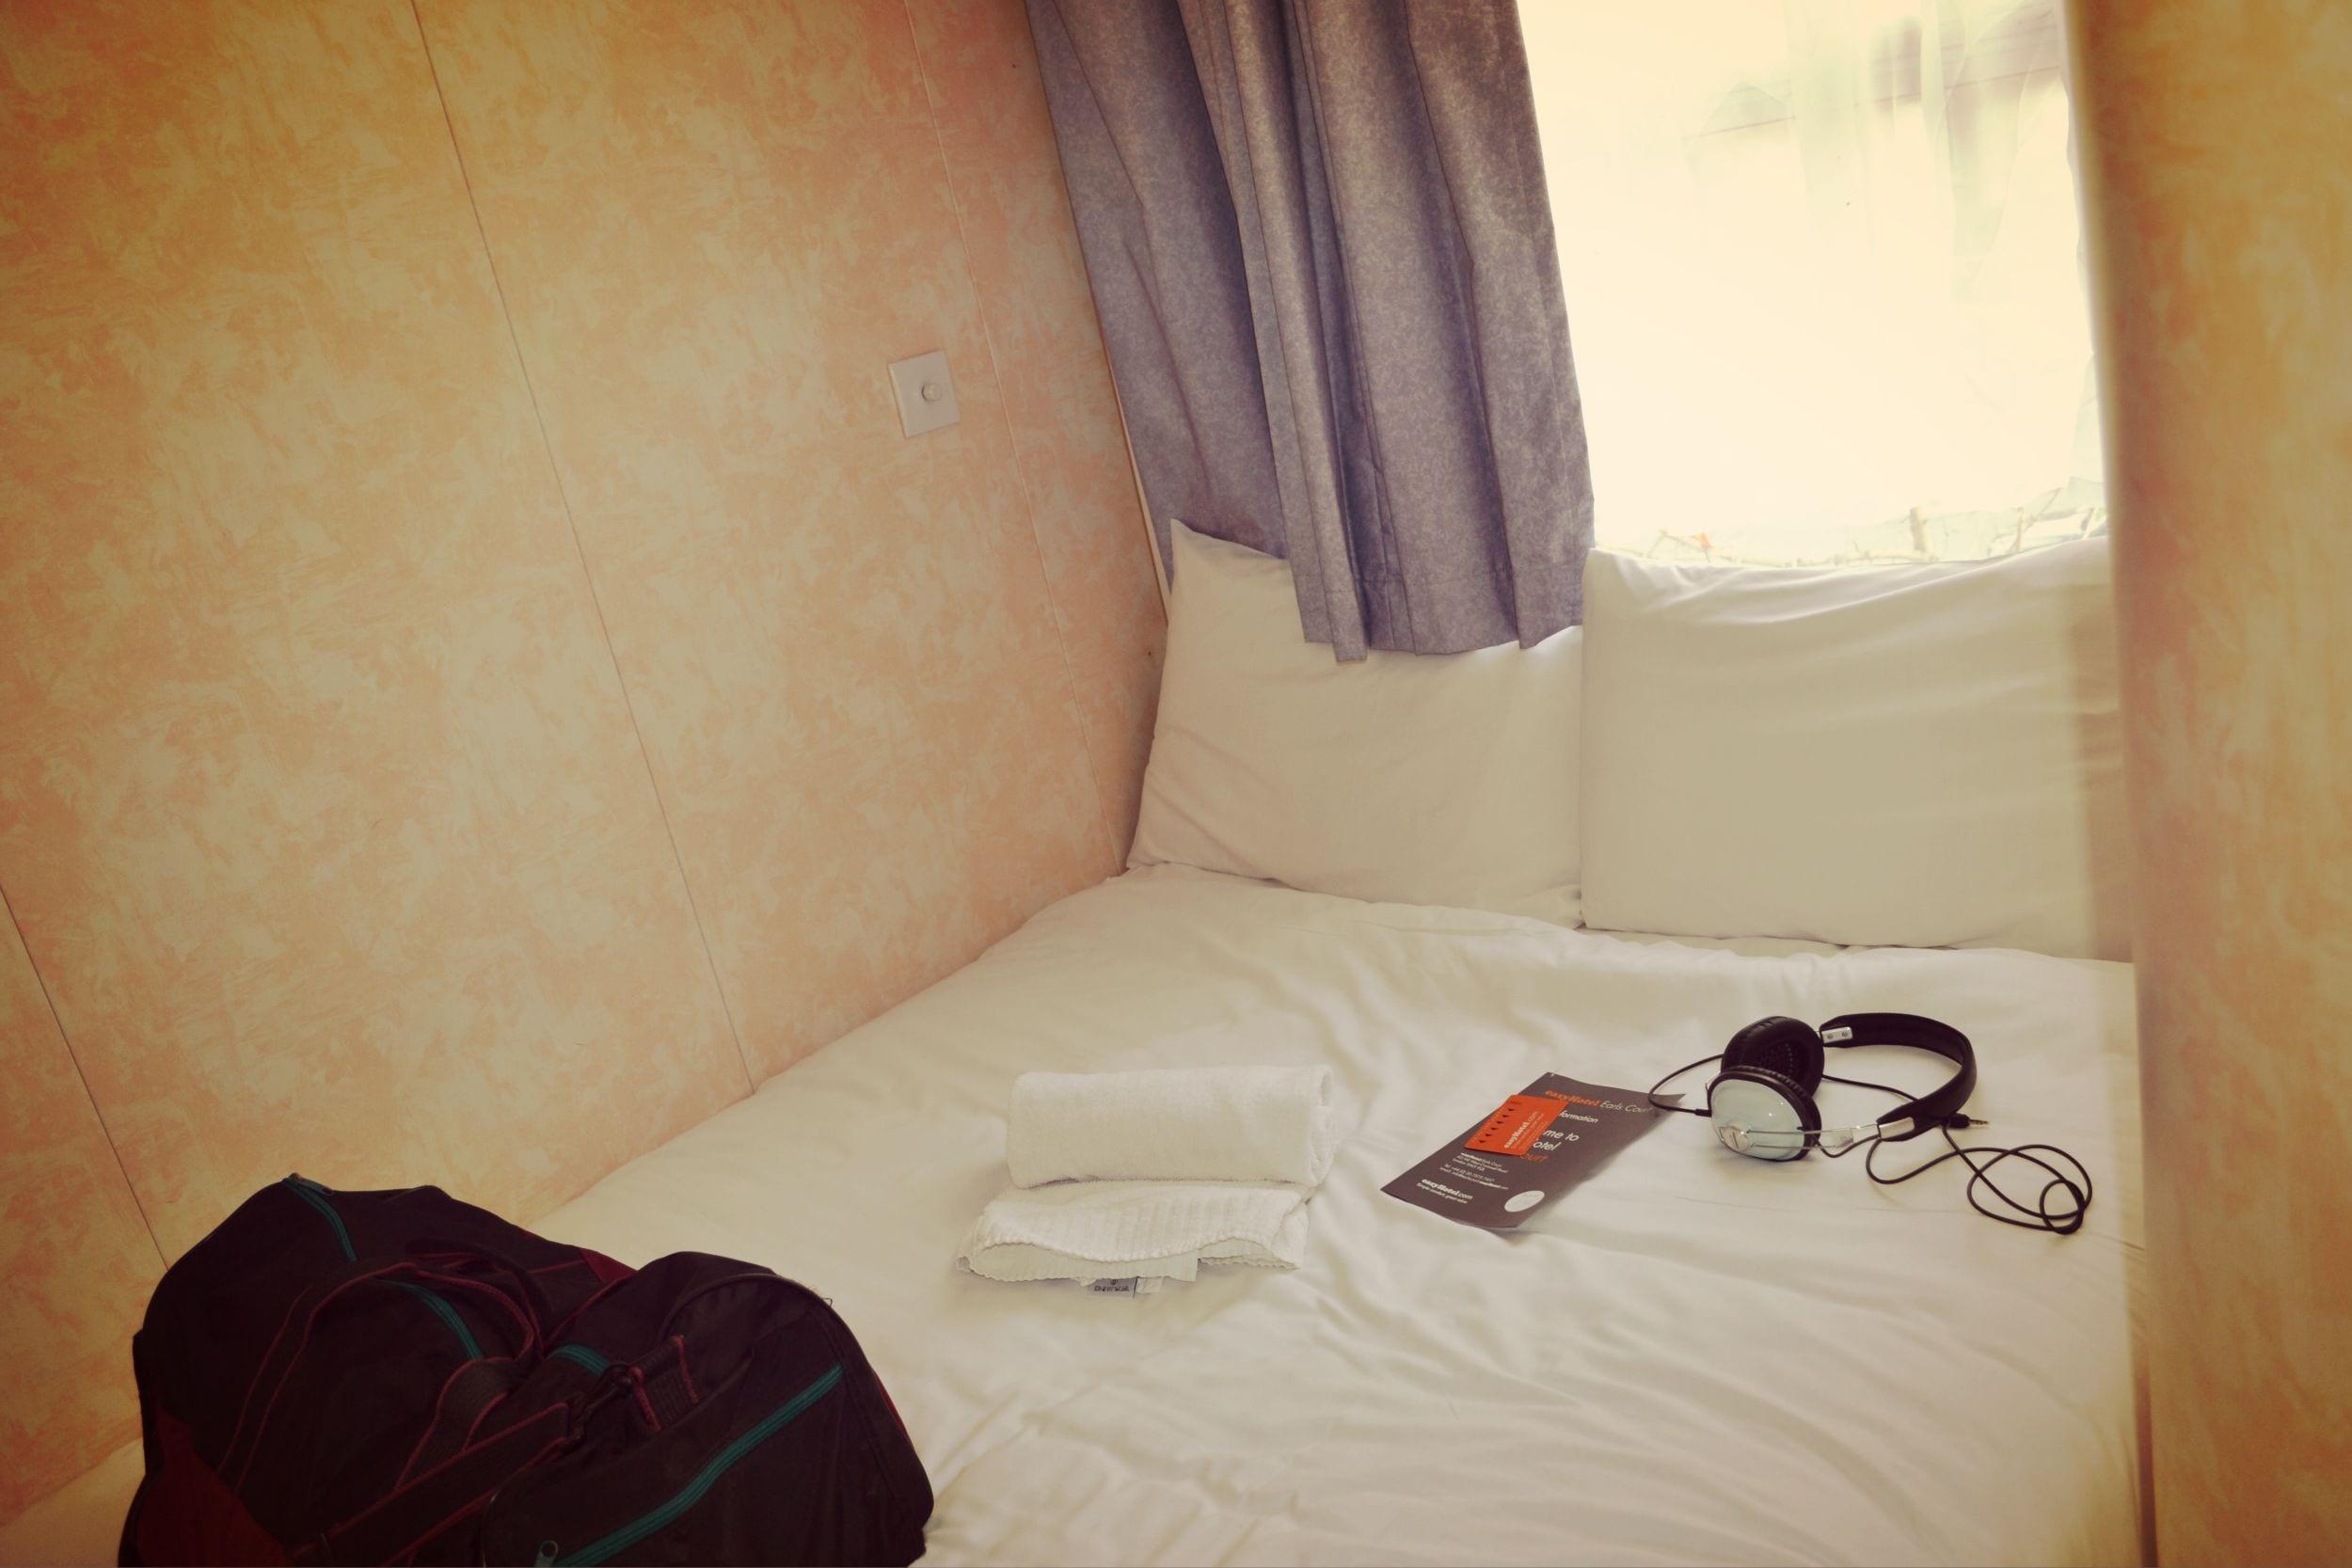 Das Bett ist gemütlich und bietet ausrechend Platz für 2 Personen.